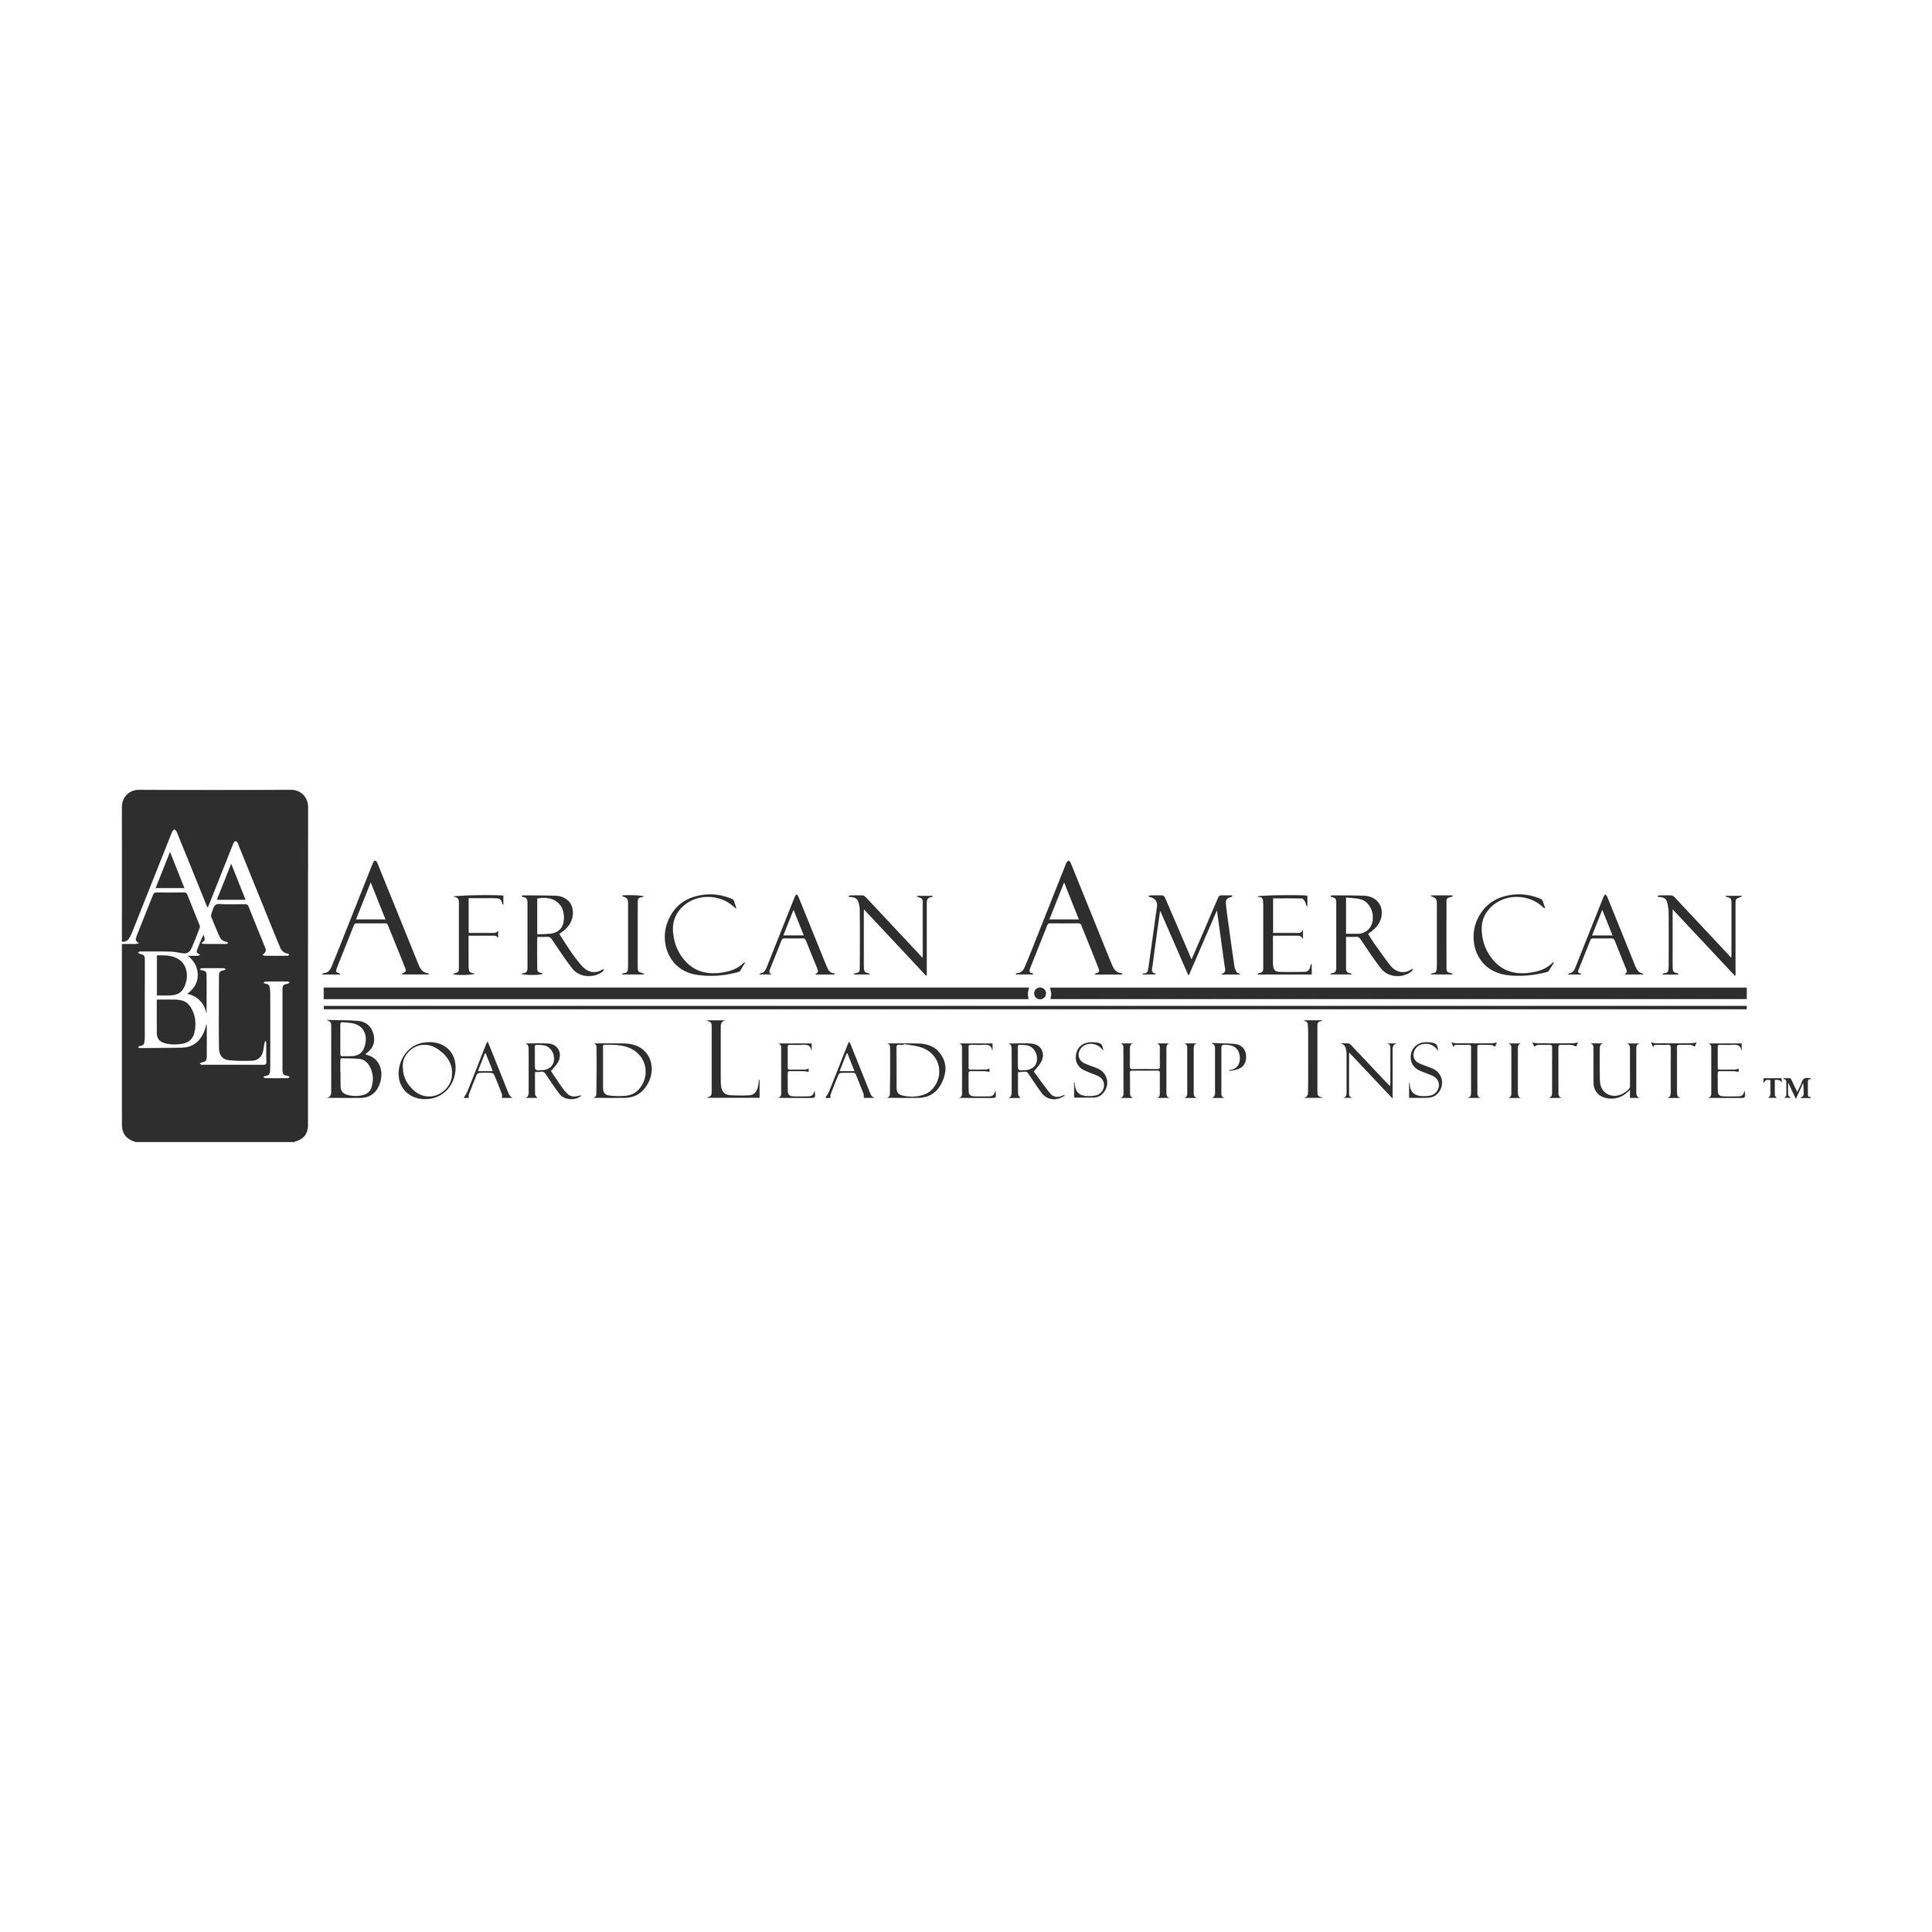 African-American Board Leadership Institute